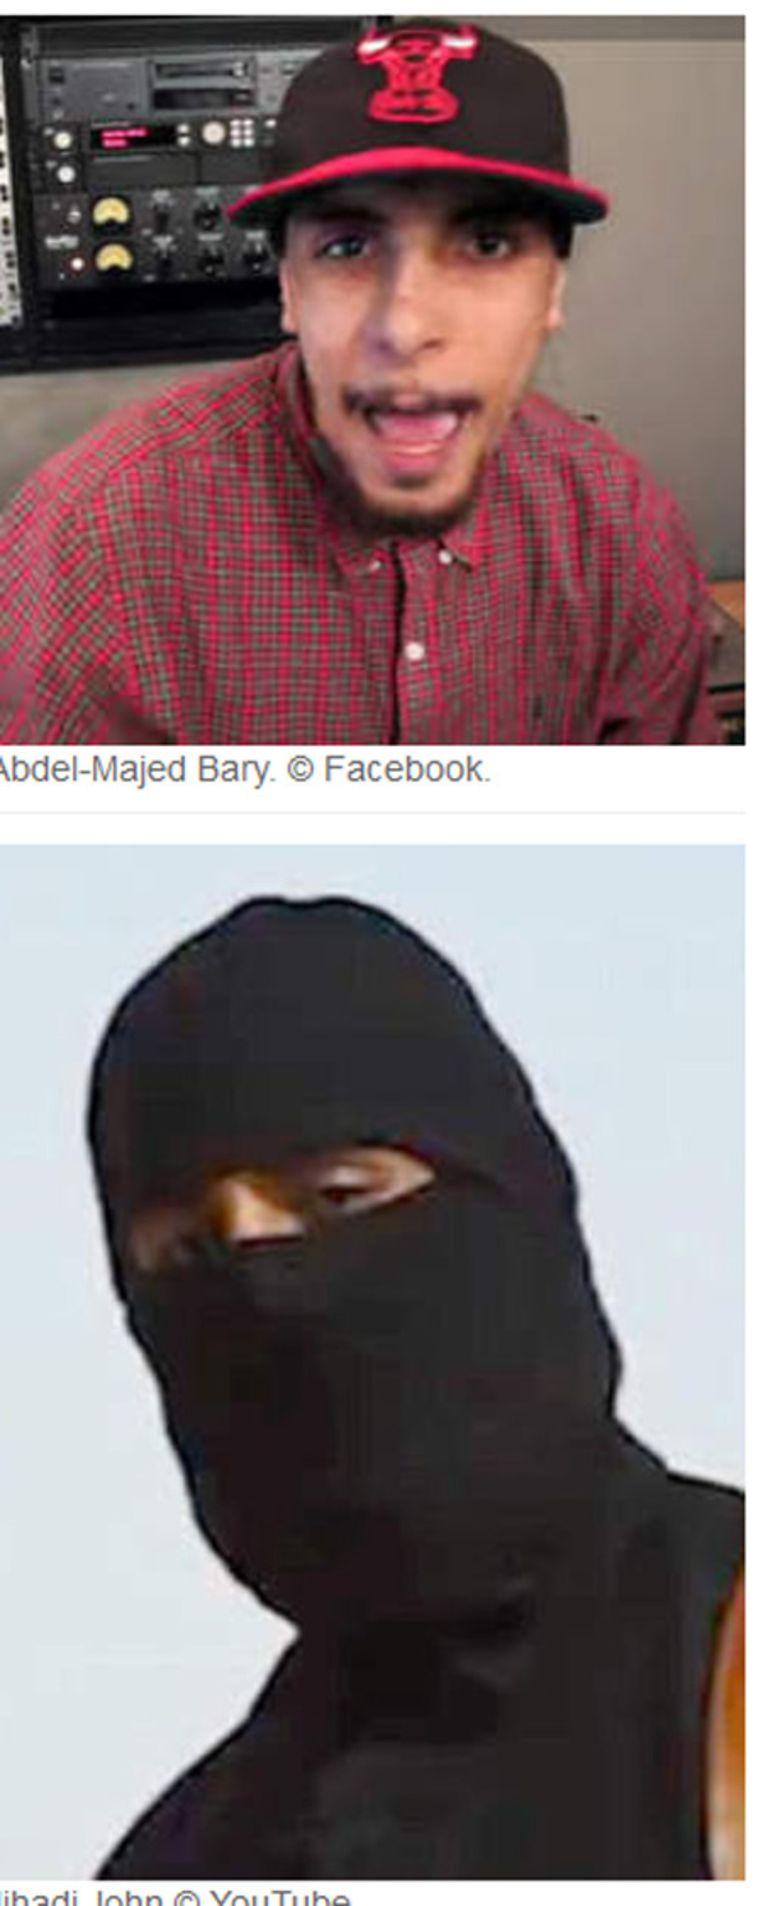 Abdel-Majed Bary zou de moordenaar zijn van Foley. Johnson wil het vel van de Londense rapper.